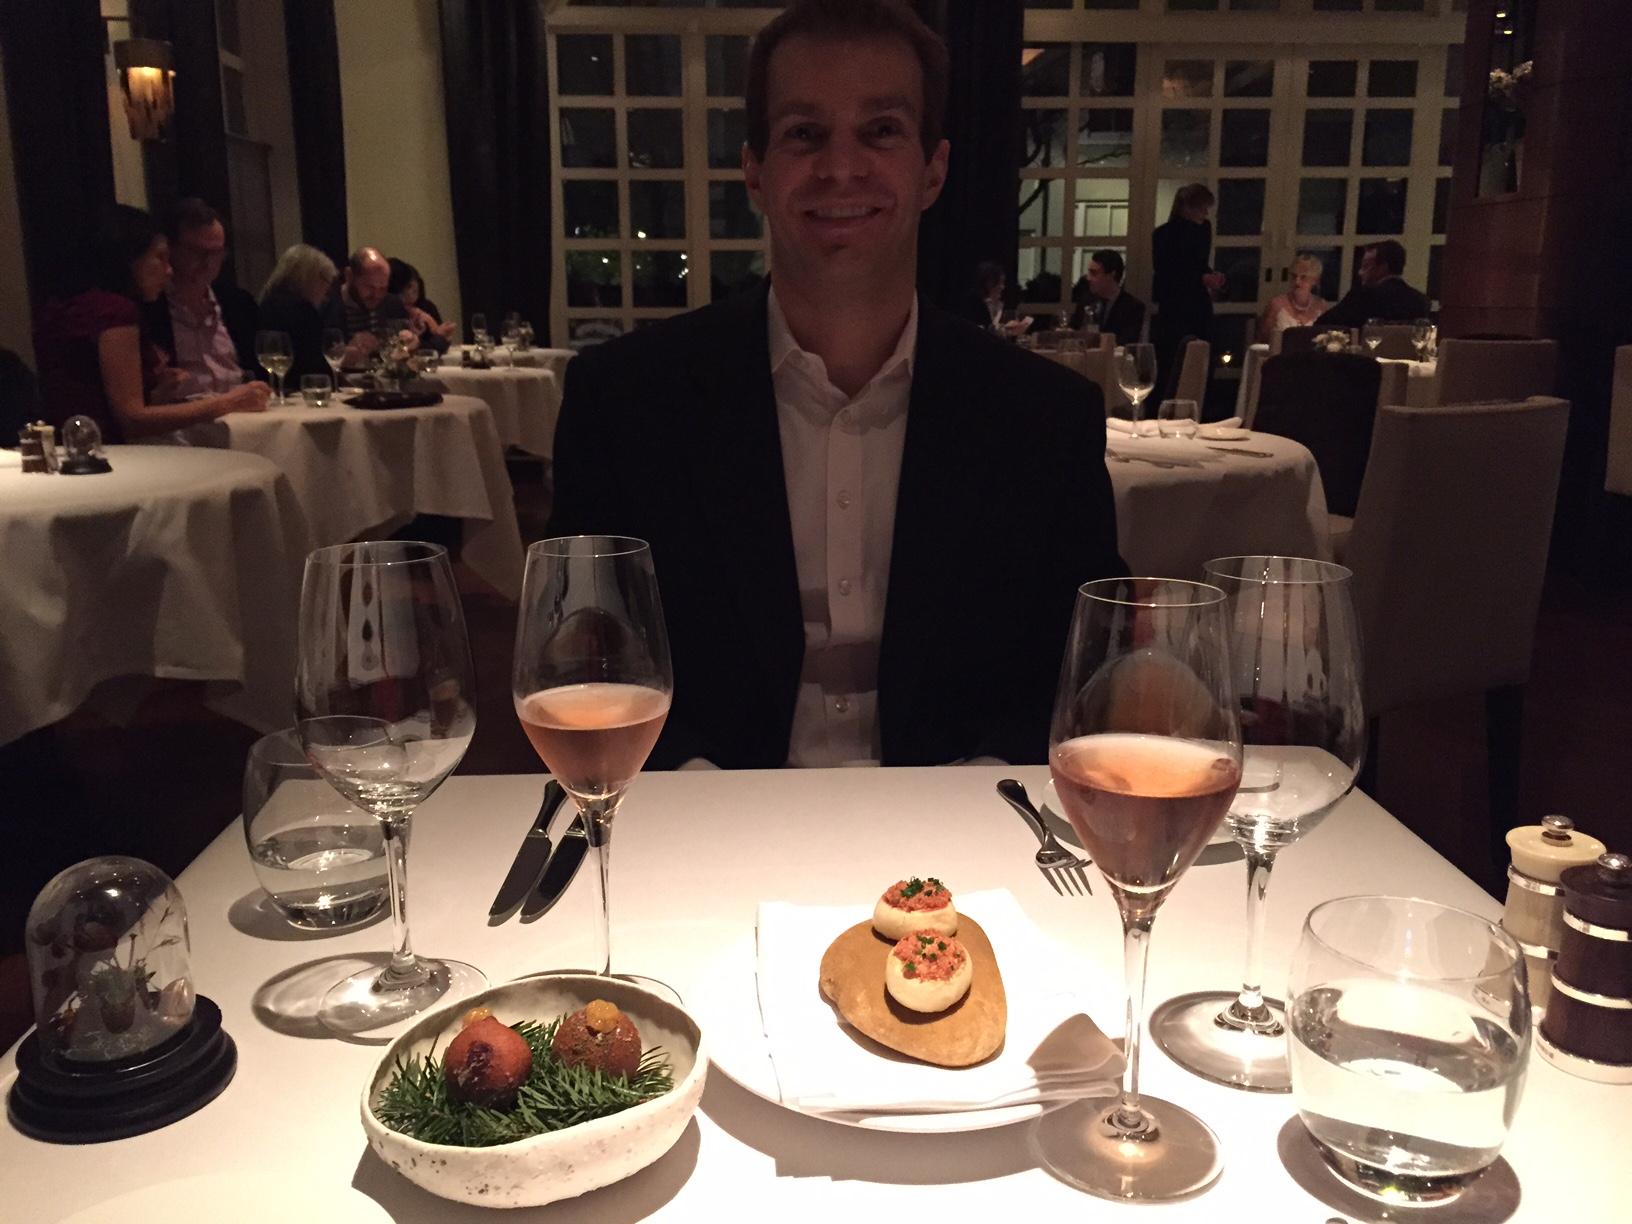 Ben at The Ledbury